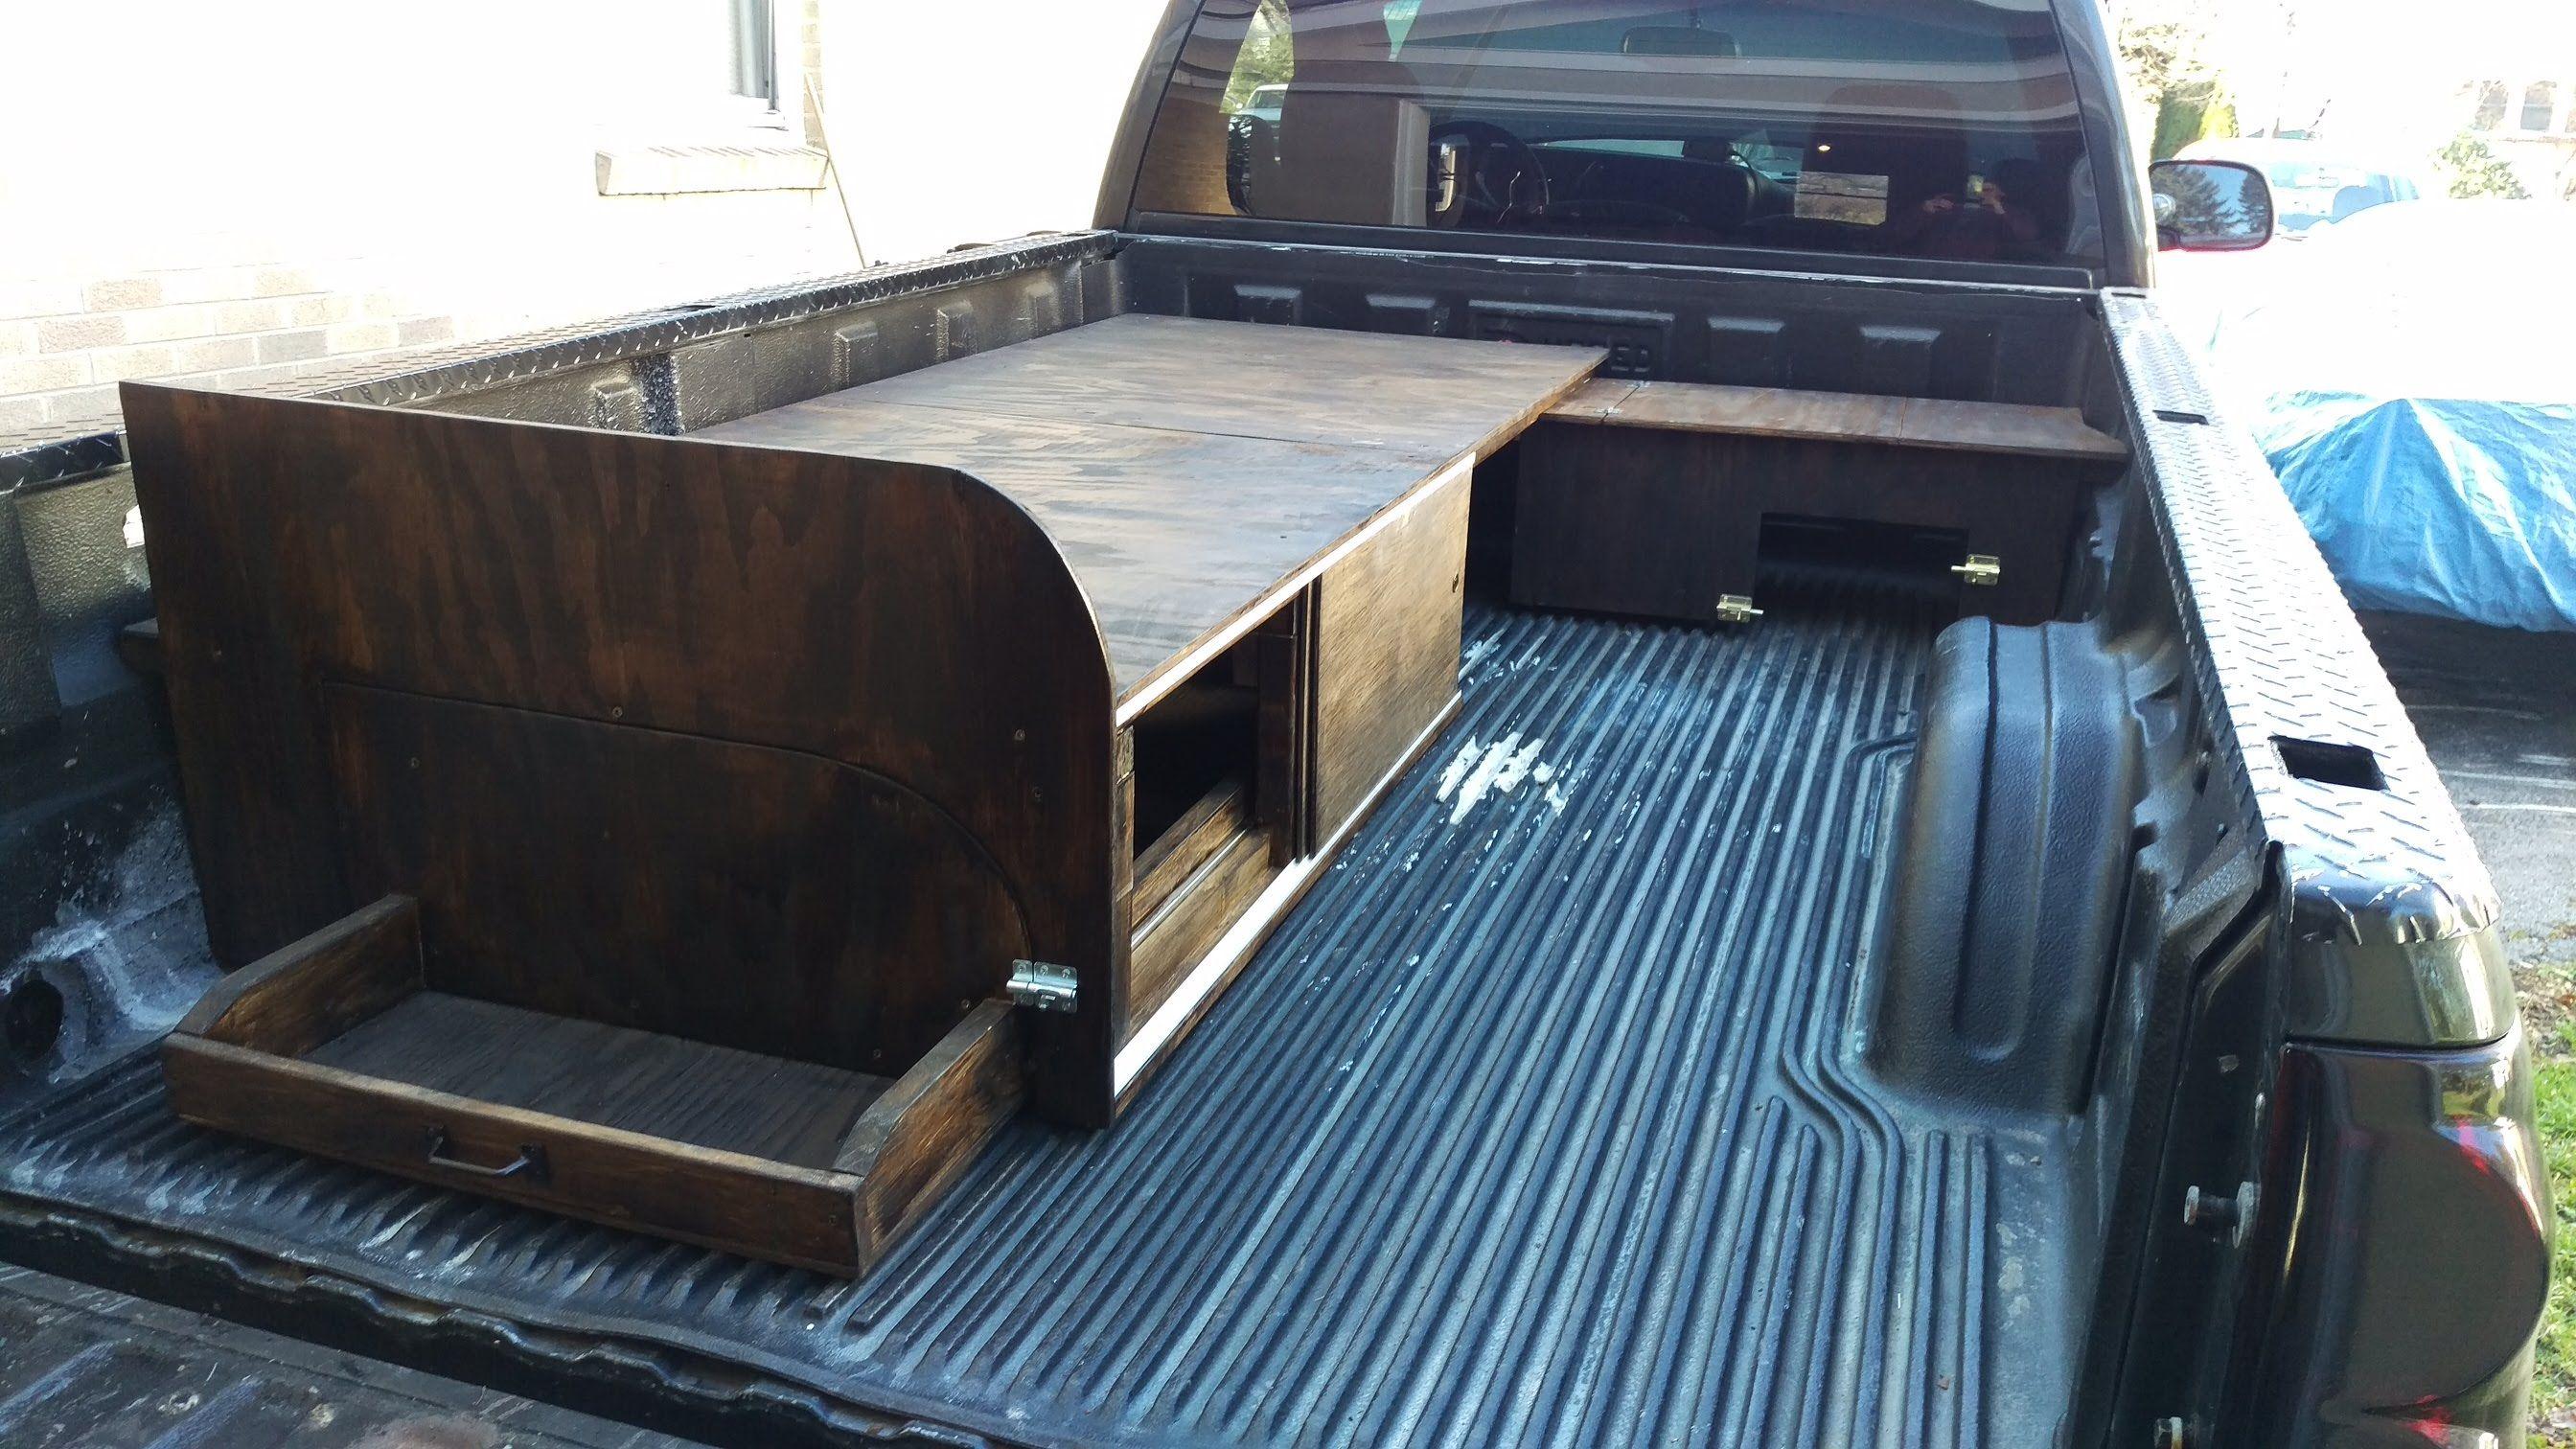 LUXURY TRUCK CAP CAMPER 2.0 Truck bed camping, Truck cap